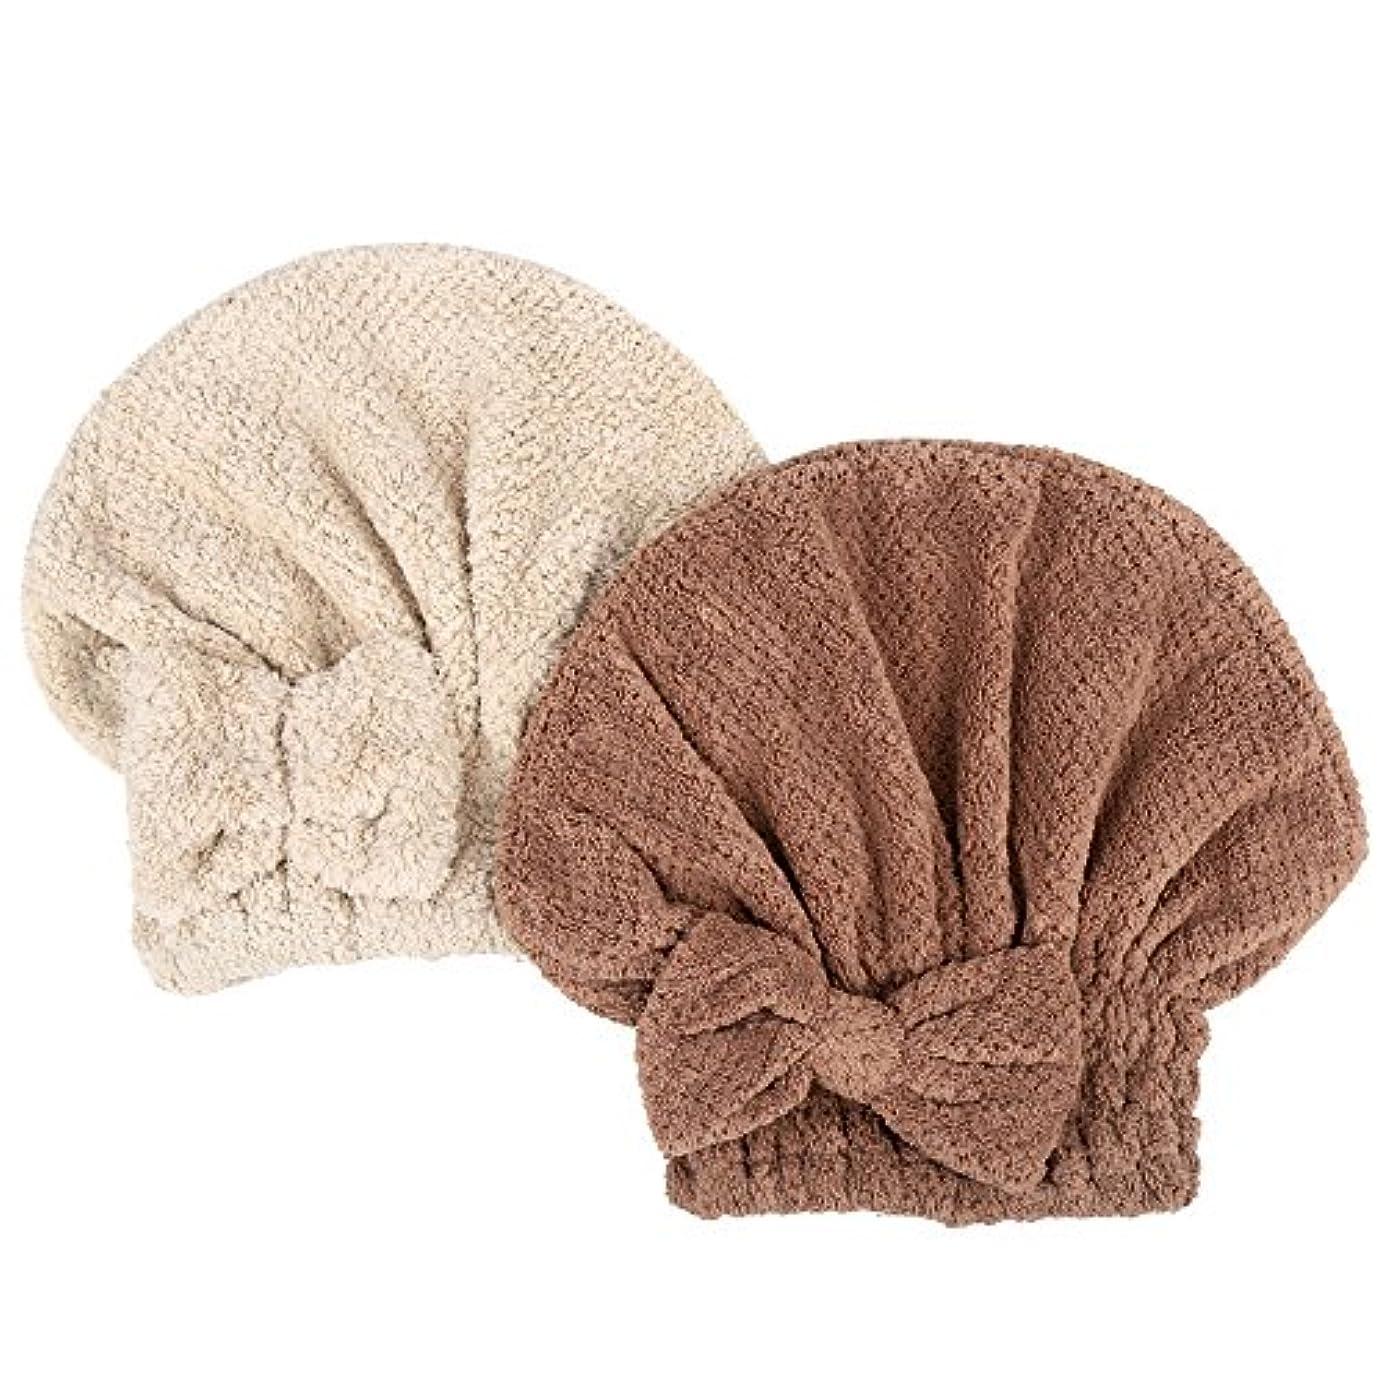 モード効率的オーストラリア人KISENG タオルキャップ 2枚セット ヘアドライタオル 短髪の人向き ヘアキャップ 吸水タオル 速乾 ふわふわ お風呂 バス用品 (ベージュ+コーヒー)